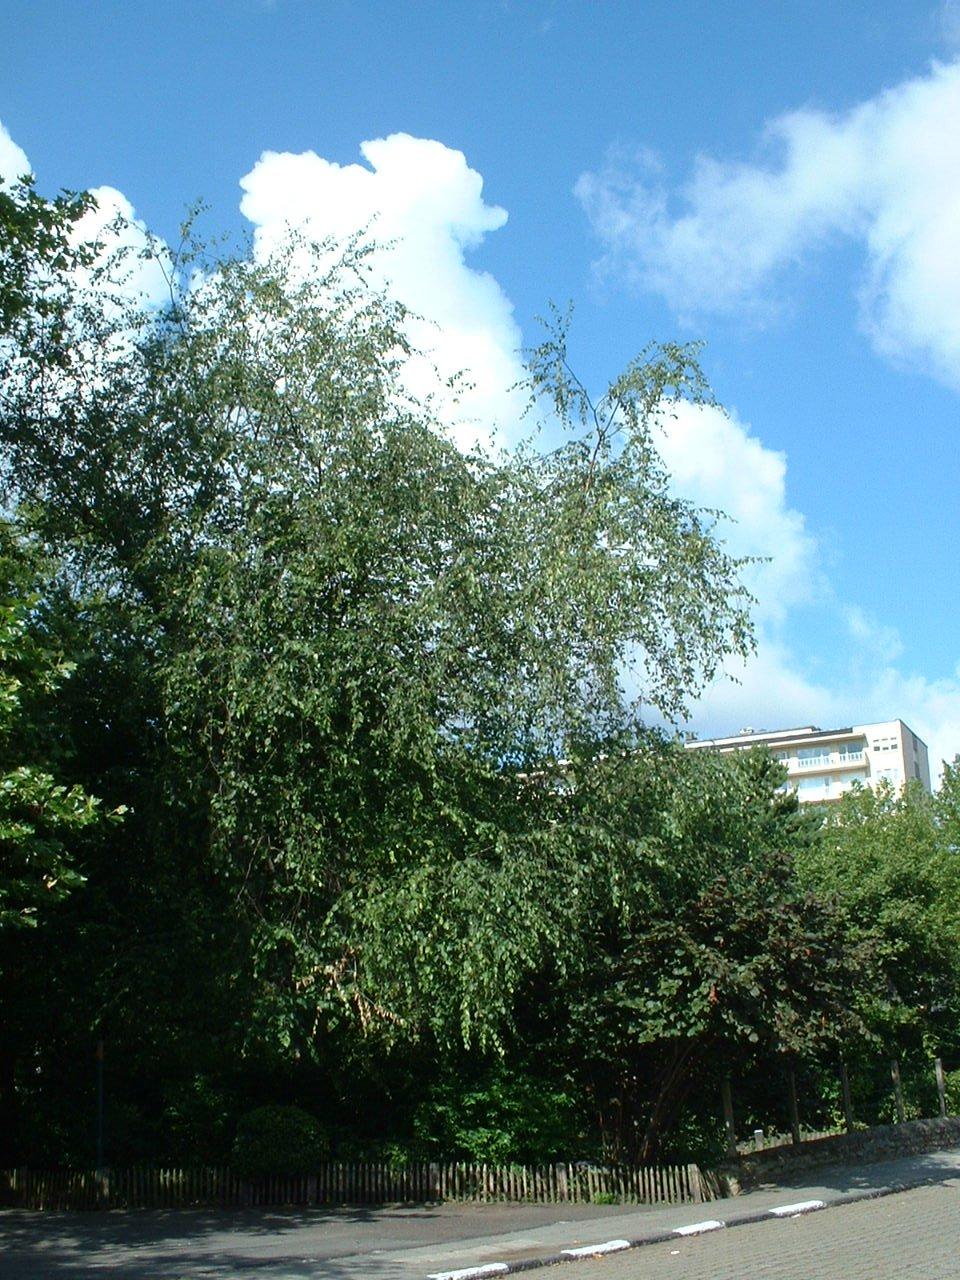 Bouleau de jacquemont – Auderghem, Parc Seny, Boulevard du Souverain –  22 Juillet 2002